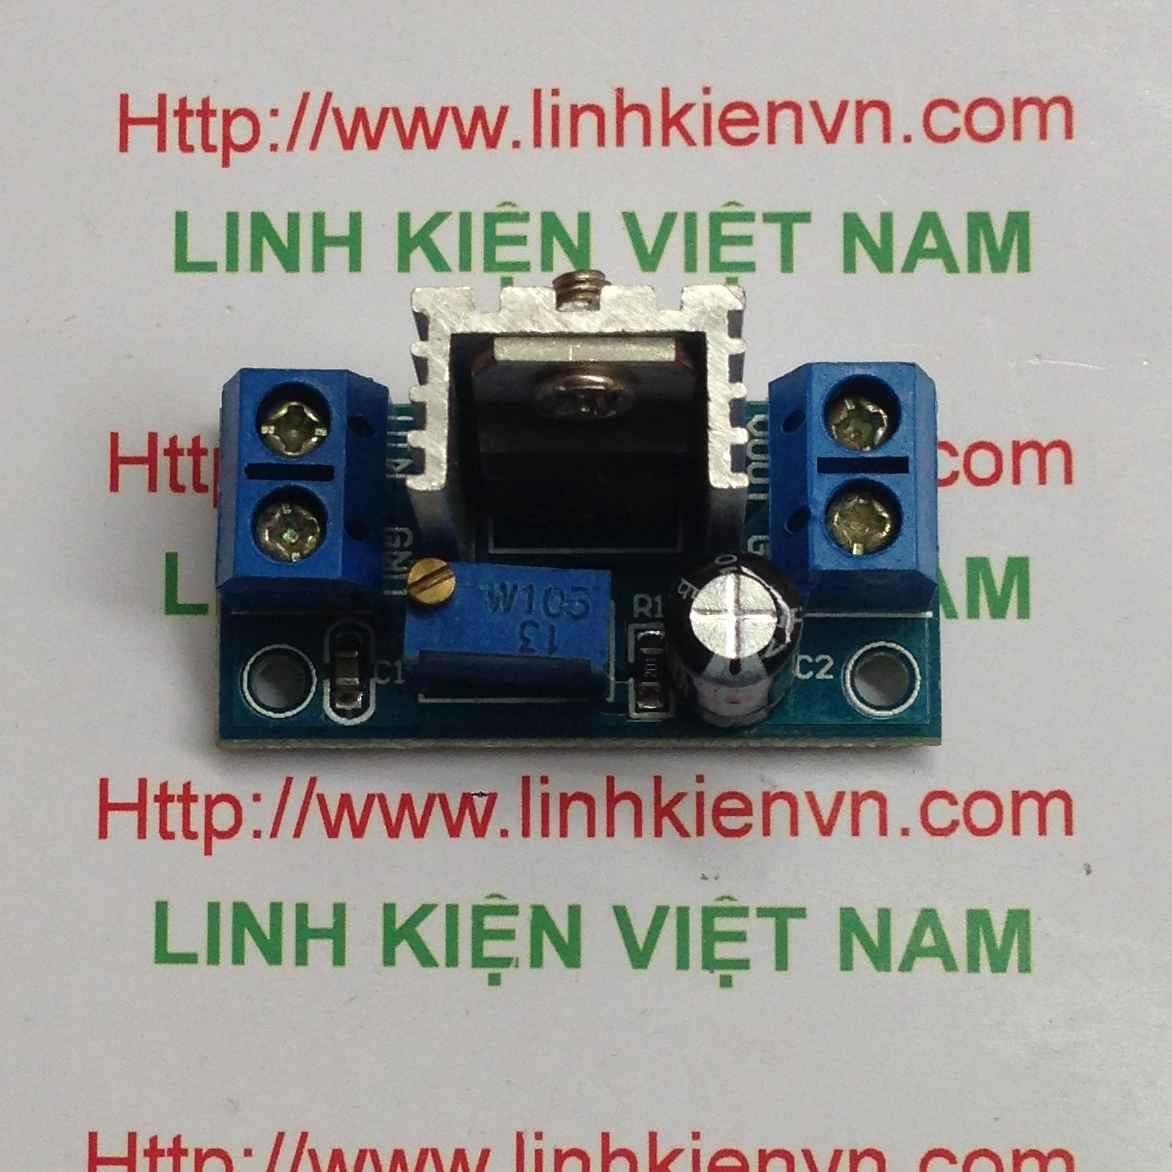 Module nguồn điều chỉnh 1.2-37V DC-DC LM317 - B3H16